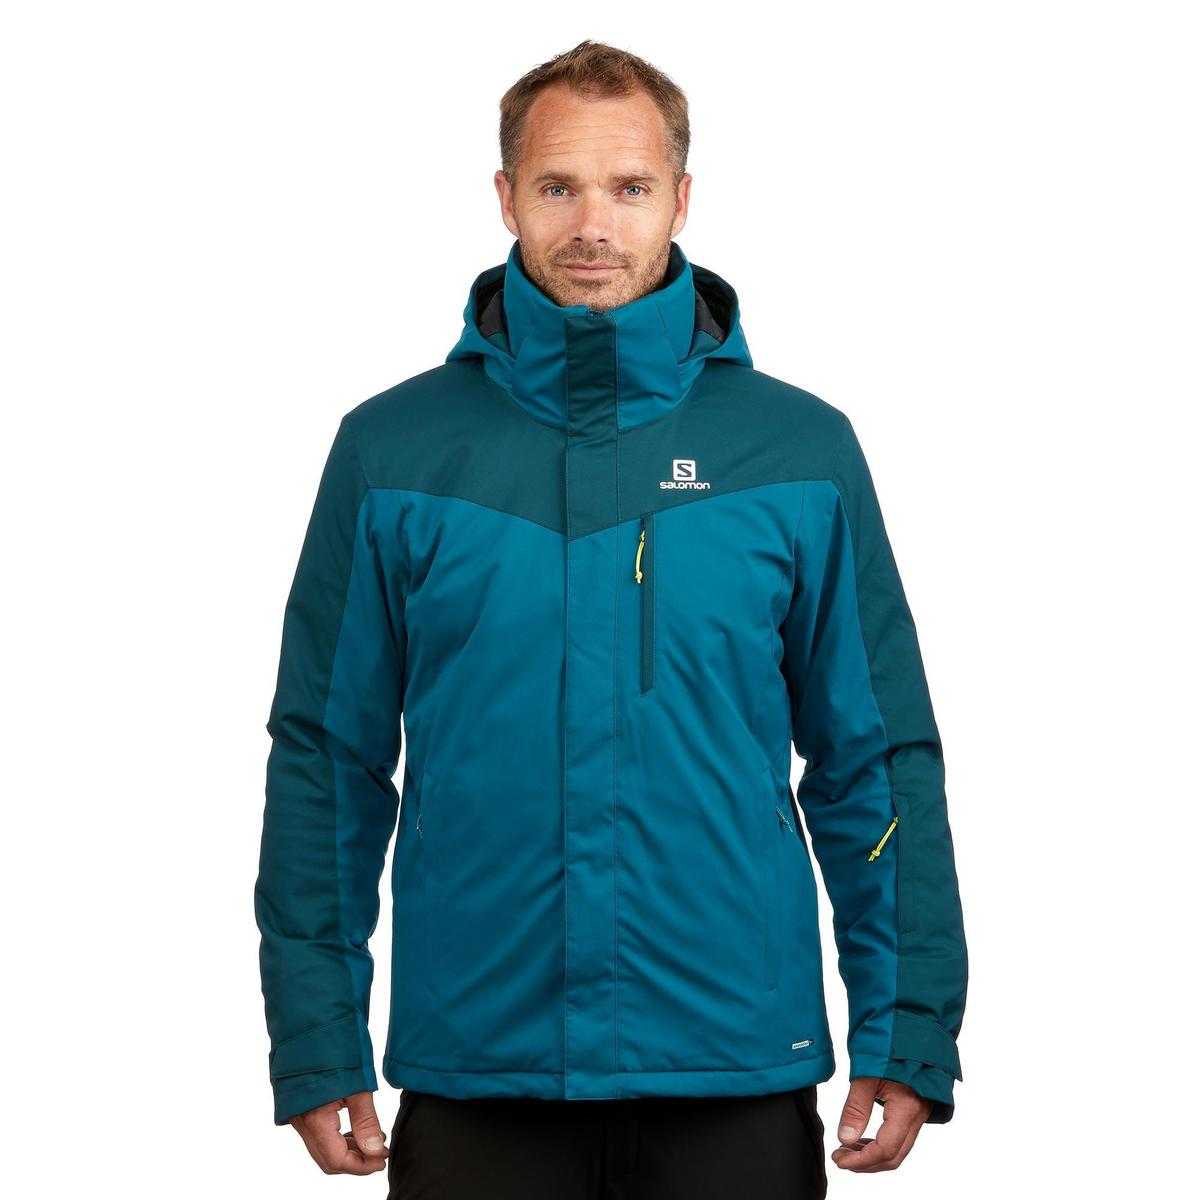 Bild 2 von Skijacke Piste Slope Herren dunkelgrün